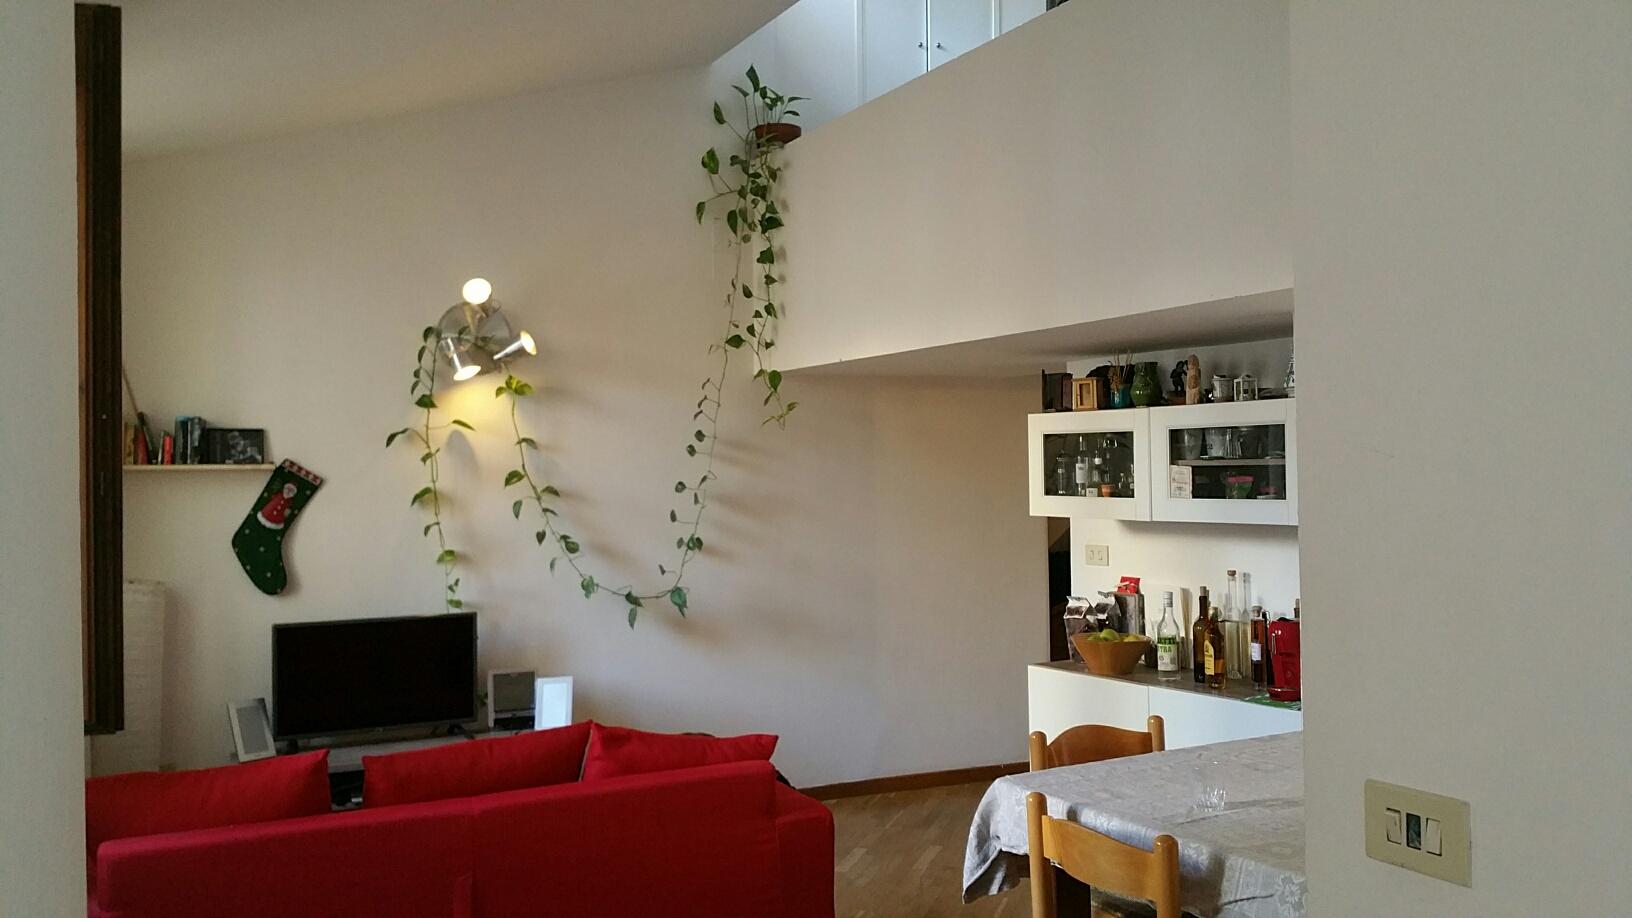 Appartamento in affitto a Ascoli Piceno, 3 locali, zona Località: CentroStorico, prezzo € 350 | CambioCasa.it